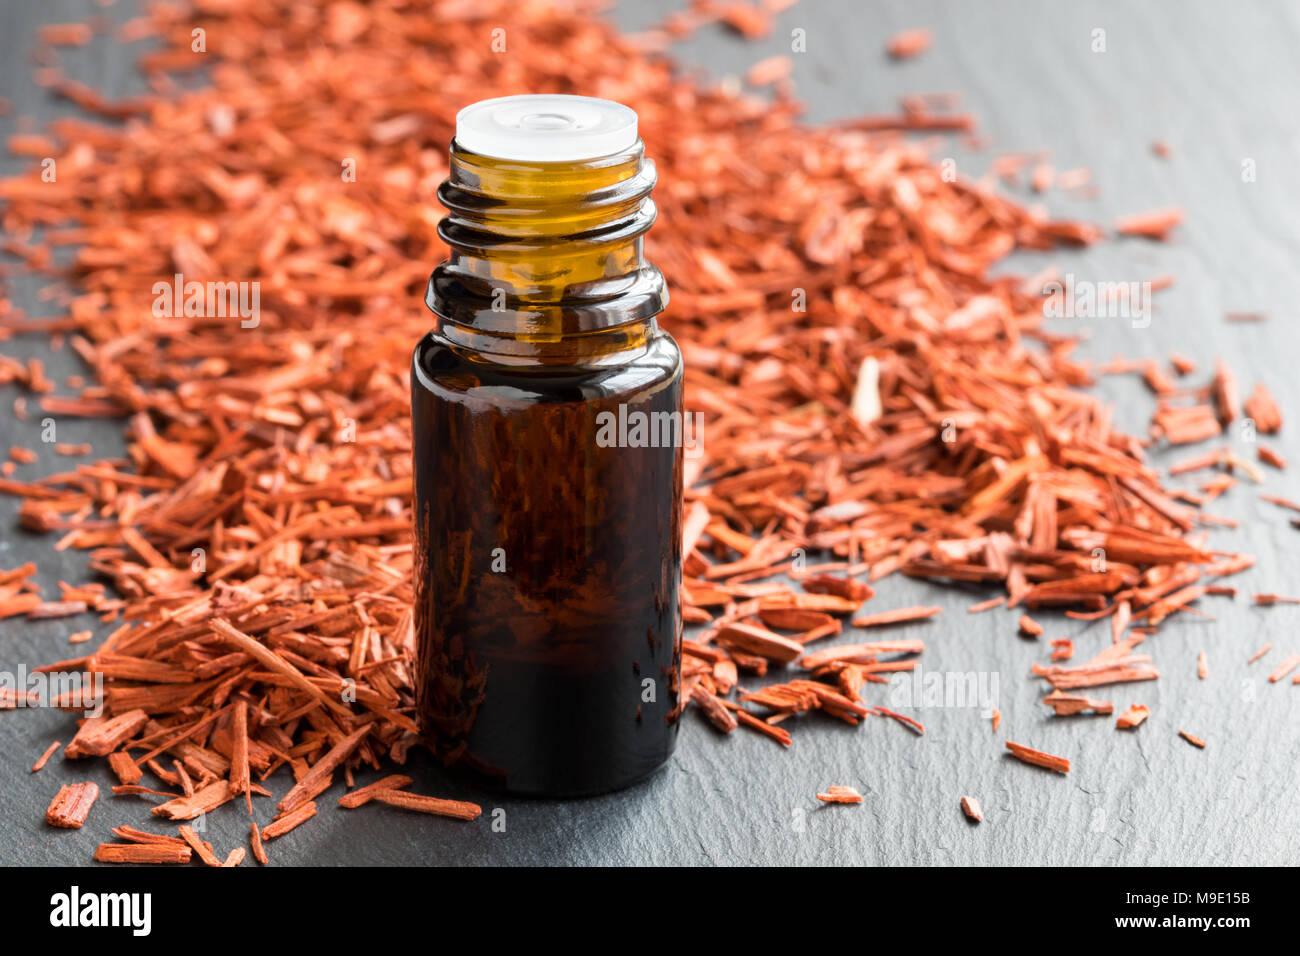 Una bottiglia di legno di sandalo olio essenziale di legno di sandalo in  background 80c42c79a82